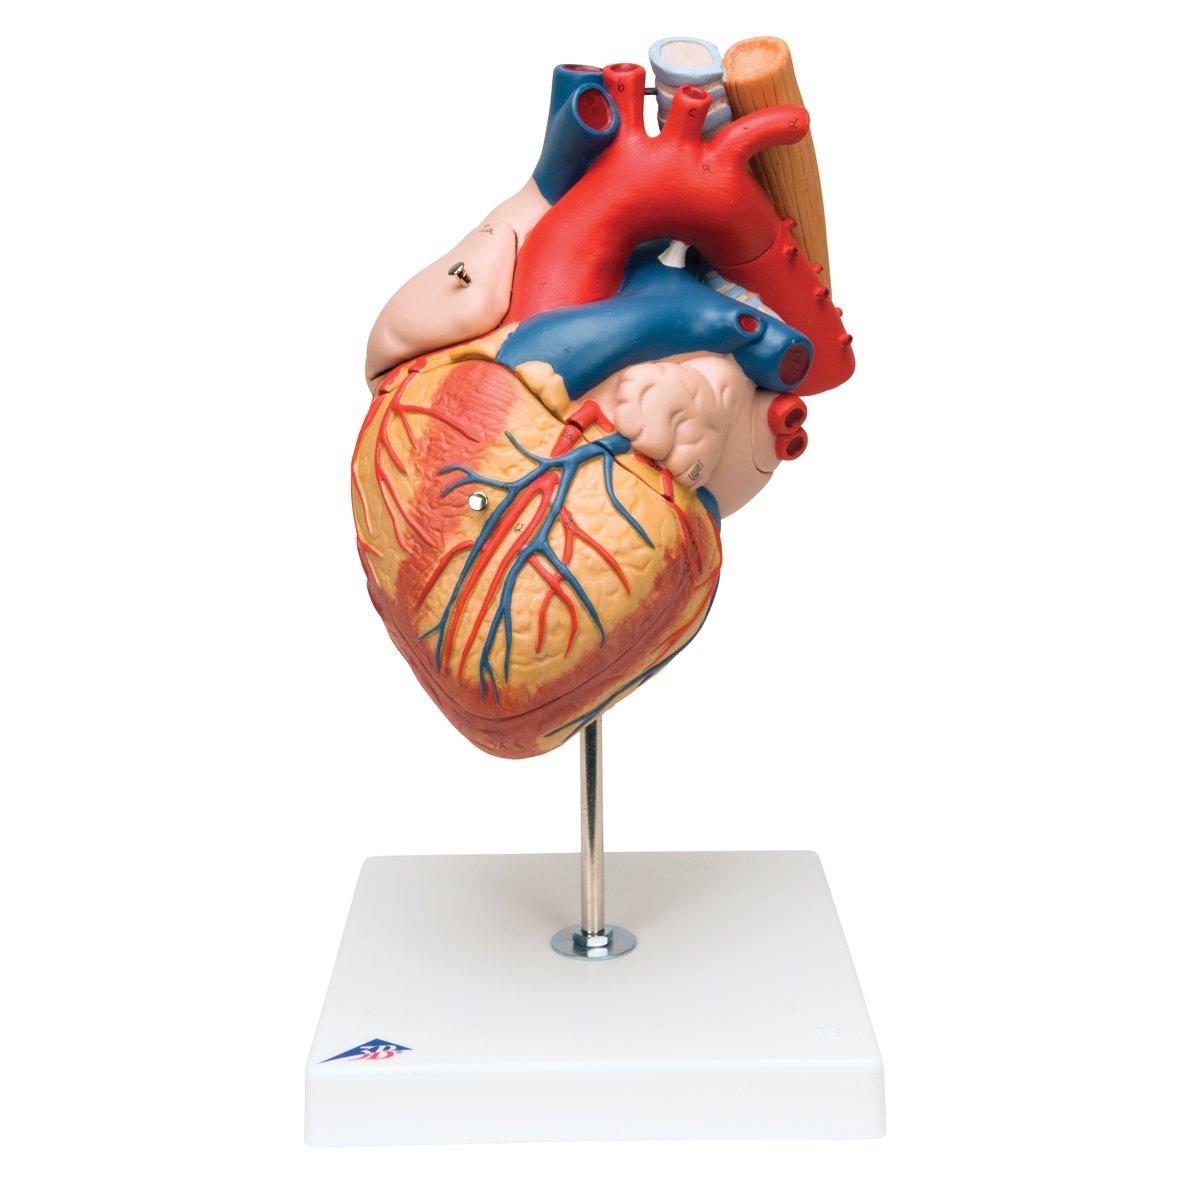 3B Scientific Menschliche Anatomie - Herz mit Luft- und Speiseröhre ...